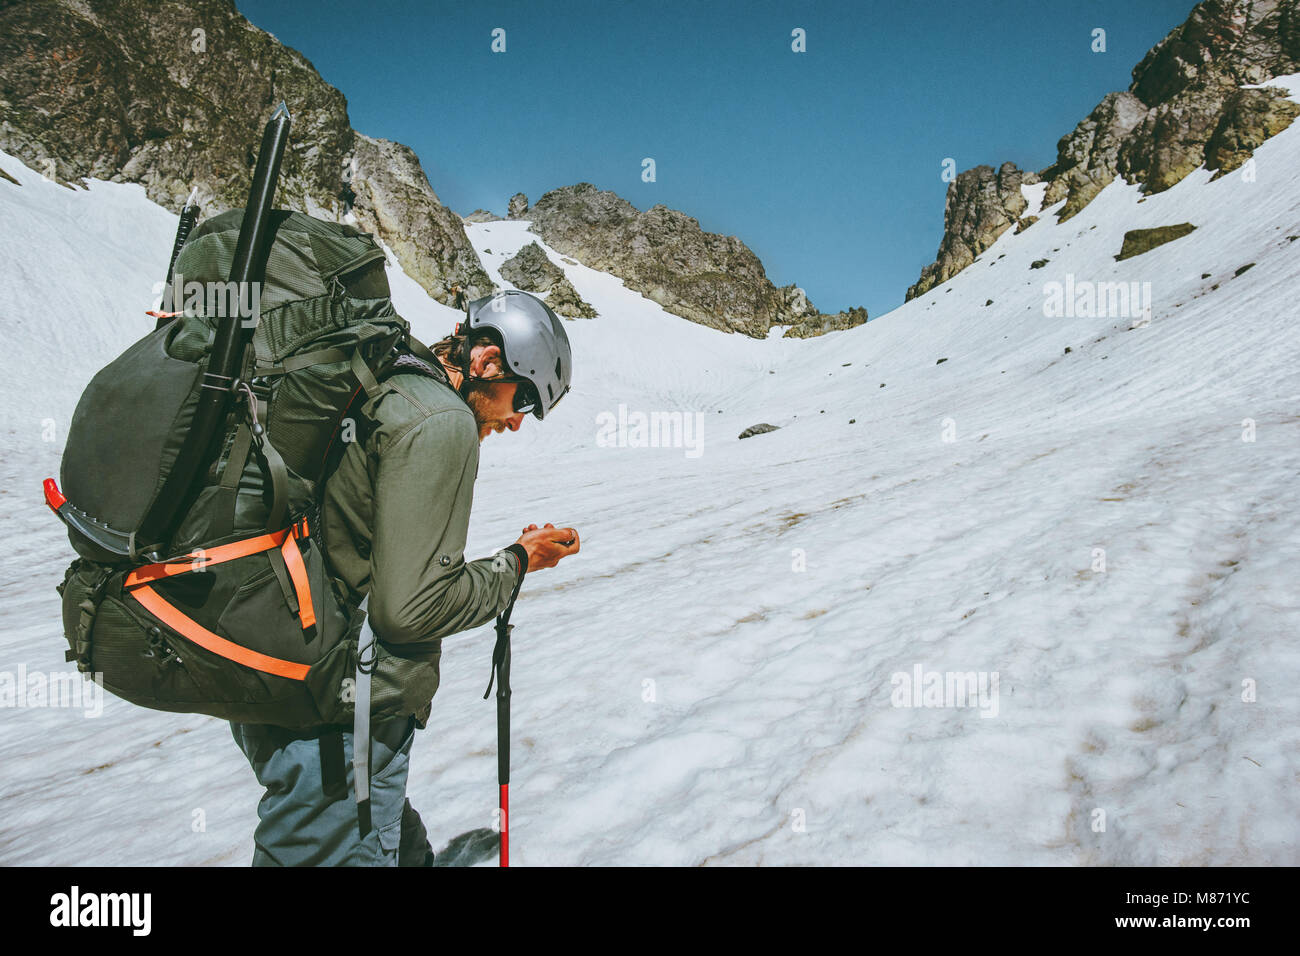 Mann Abenteurer mit gps tracker navigator Kontrolle Koordinaten Klettern in den Bergen Expedition Reisen überleben Stockbild